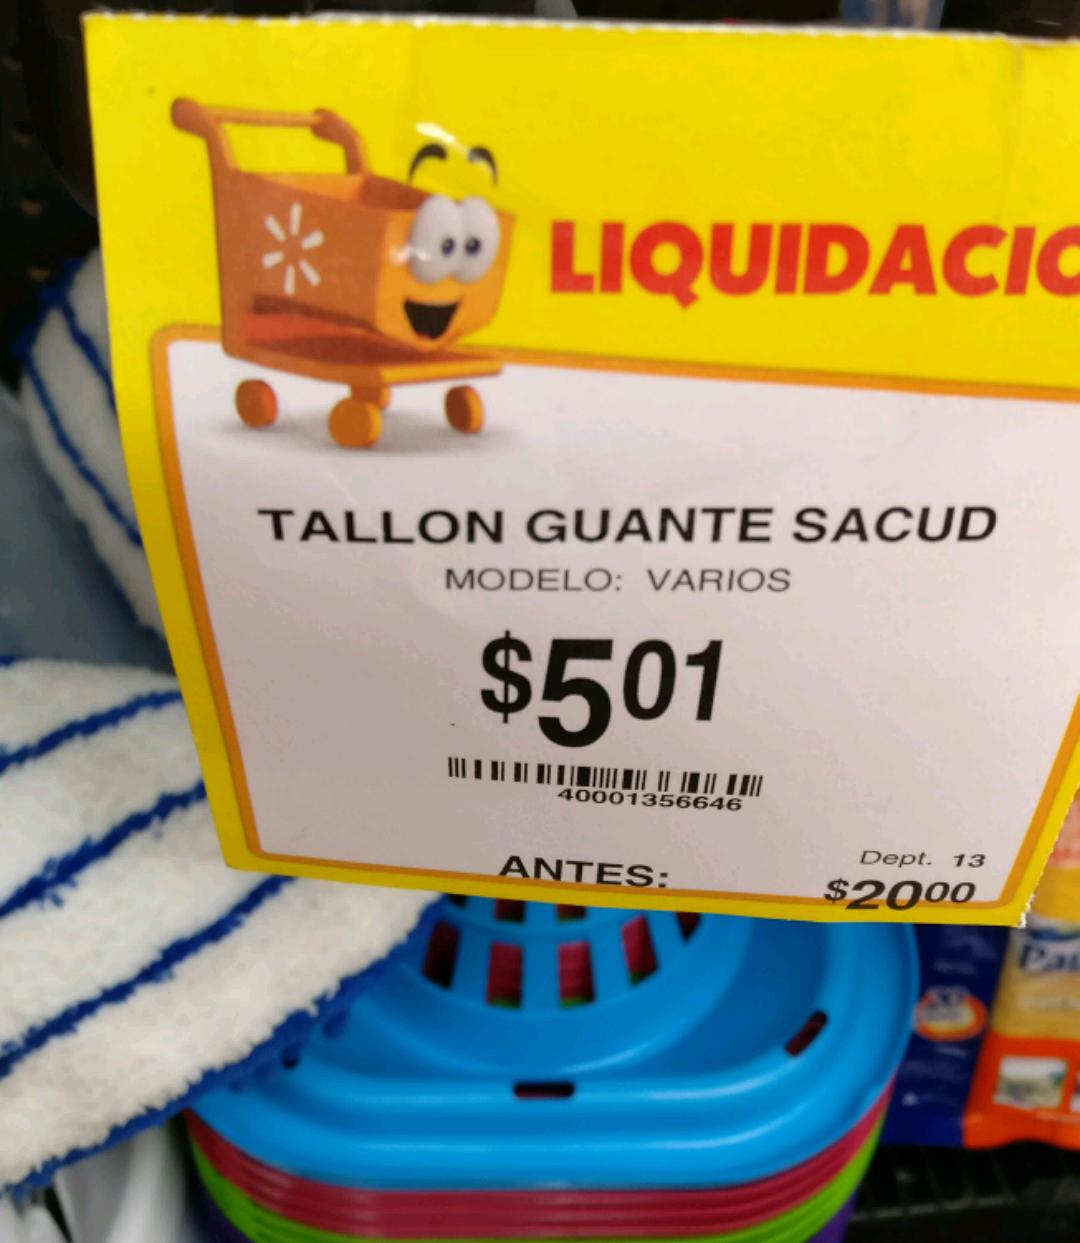 Walmart adelitas: Toalla guante barato!!!!!! 5 pesos